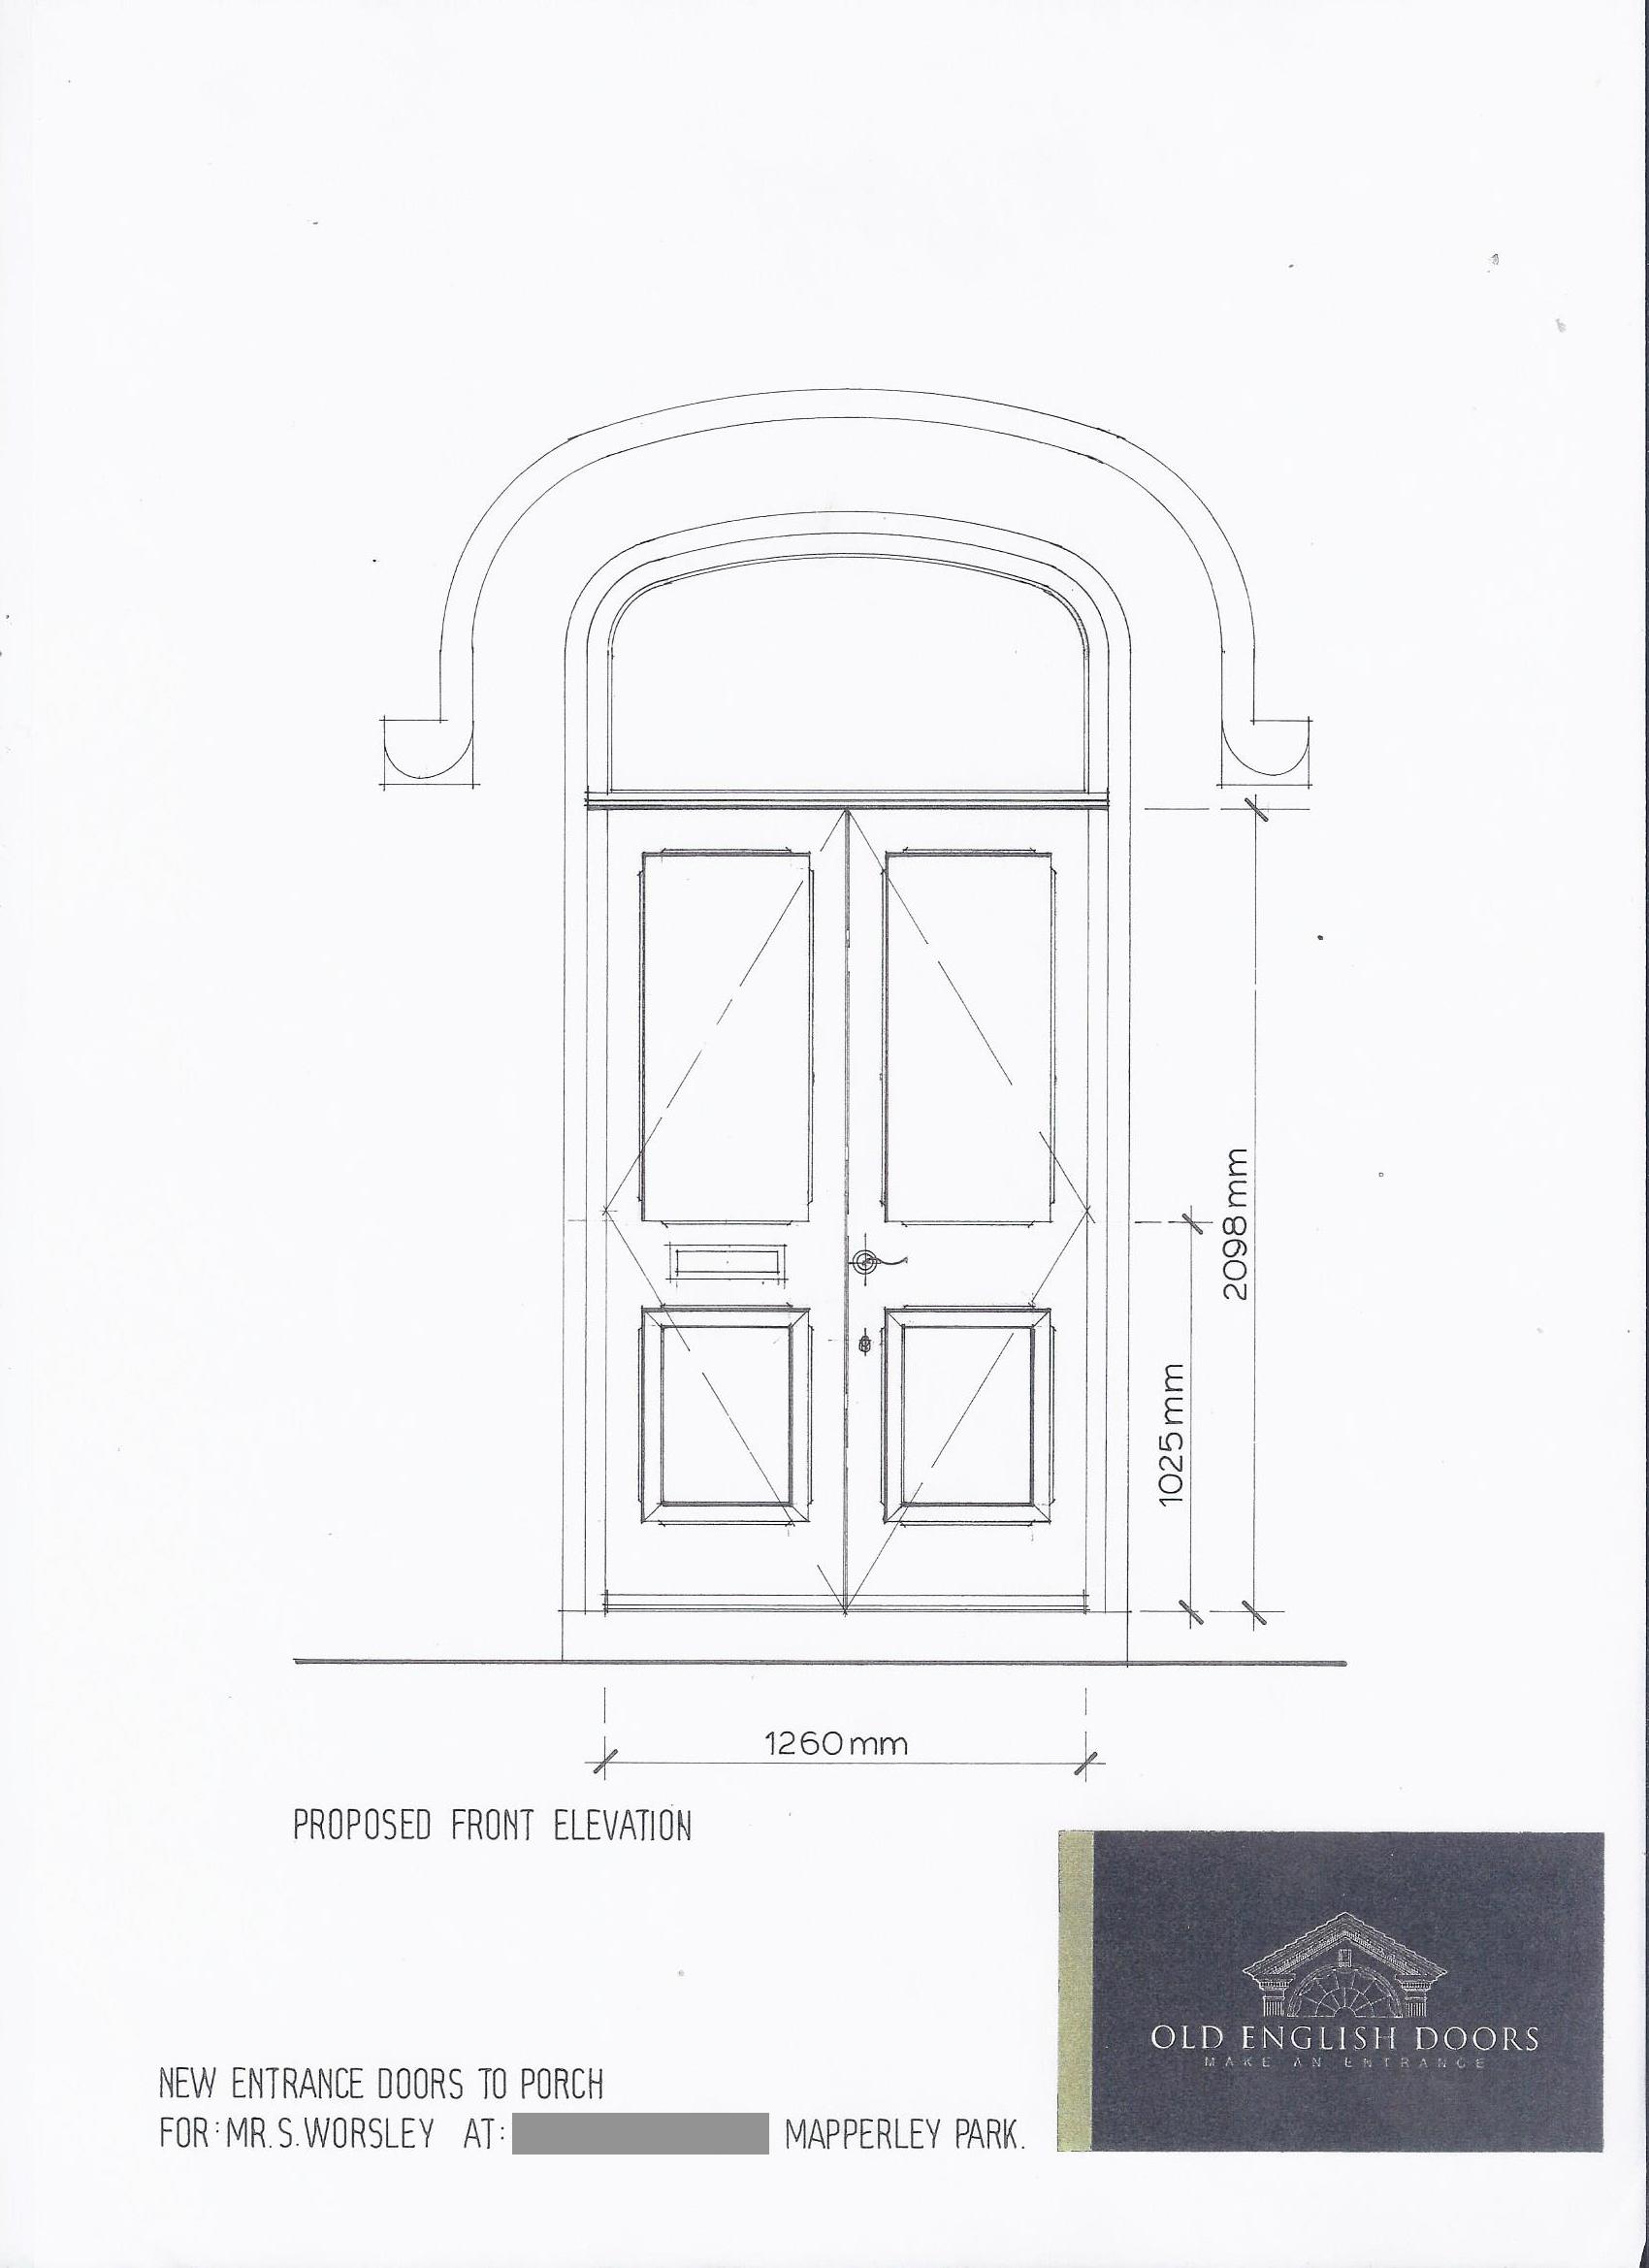 Victorian double entrance doors  sc 1 st  Old English Doors & Door design service \u2022 custom doors designed \u0026 made to order